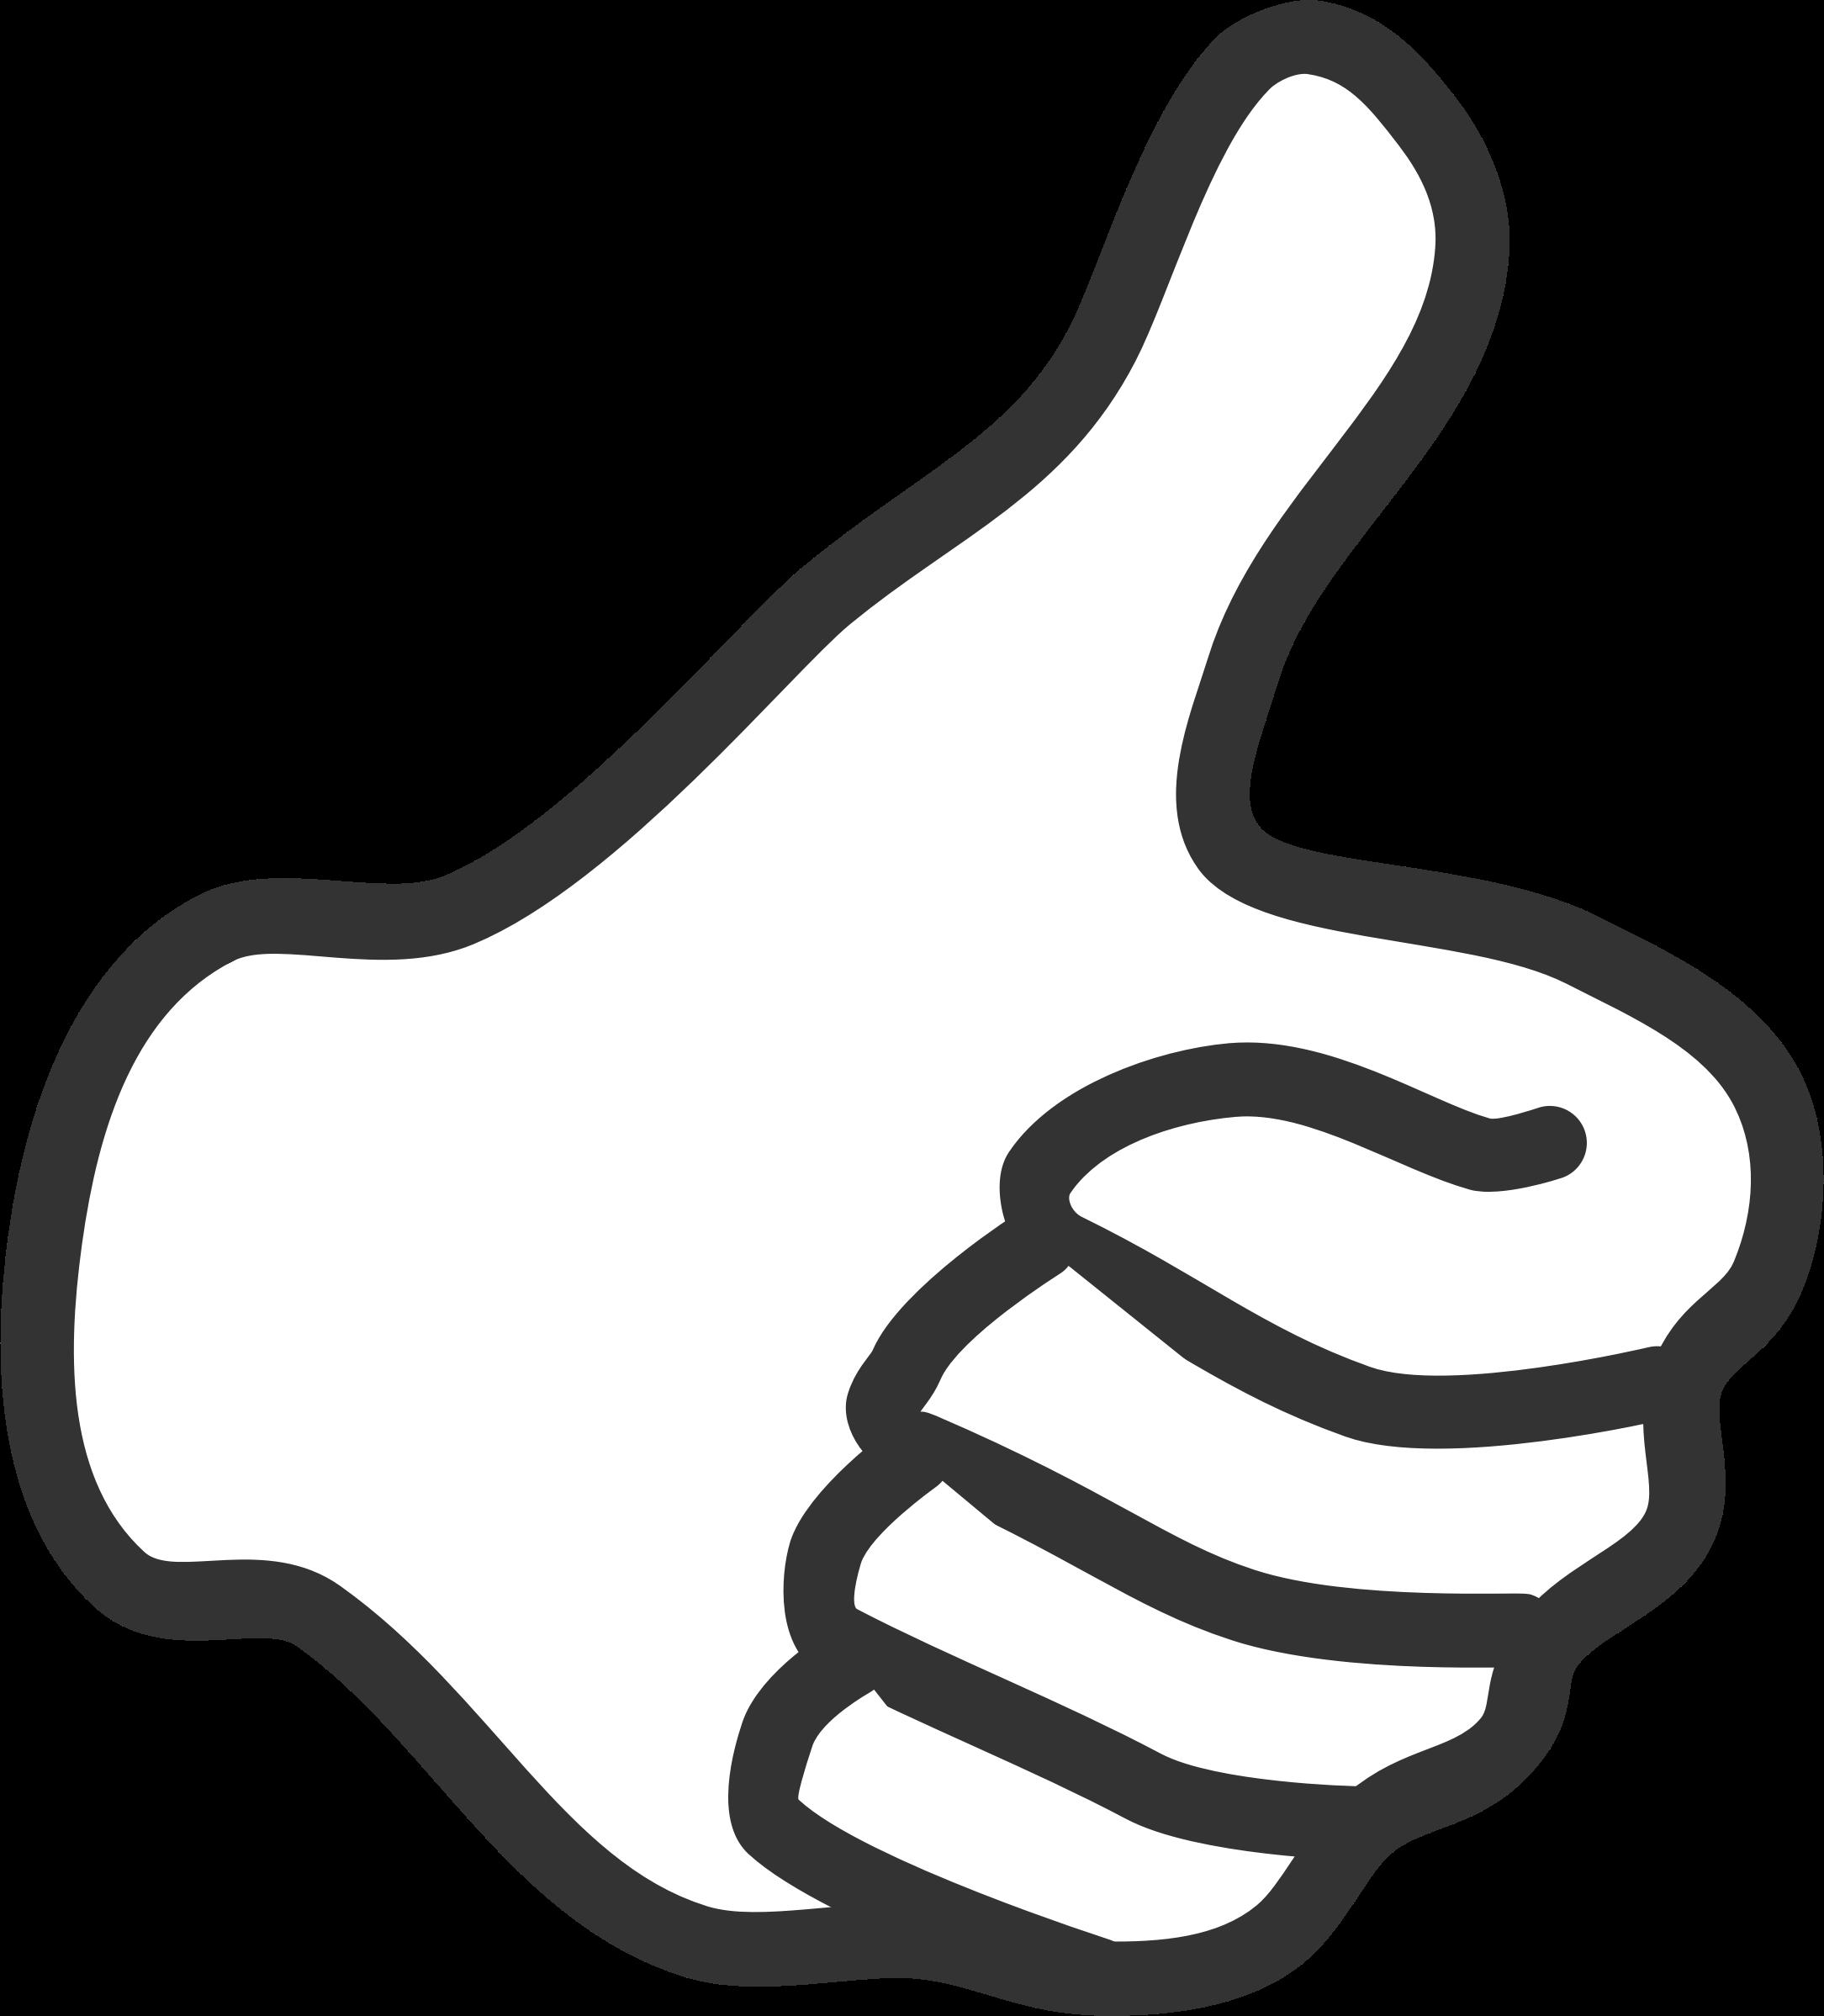 Clipart Thumb Up White Png Jempol Dekorasi Pengeditan Foto